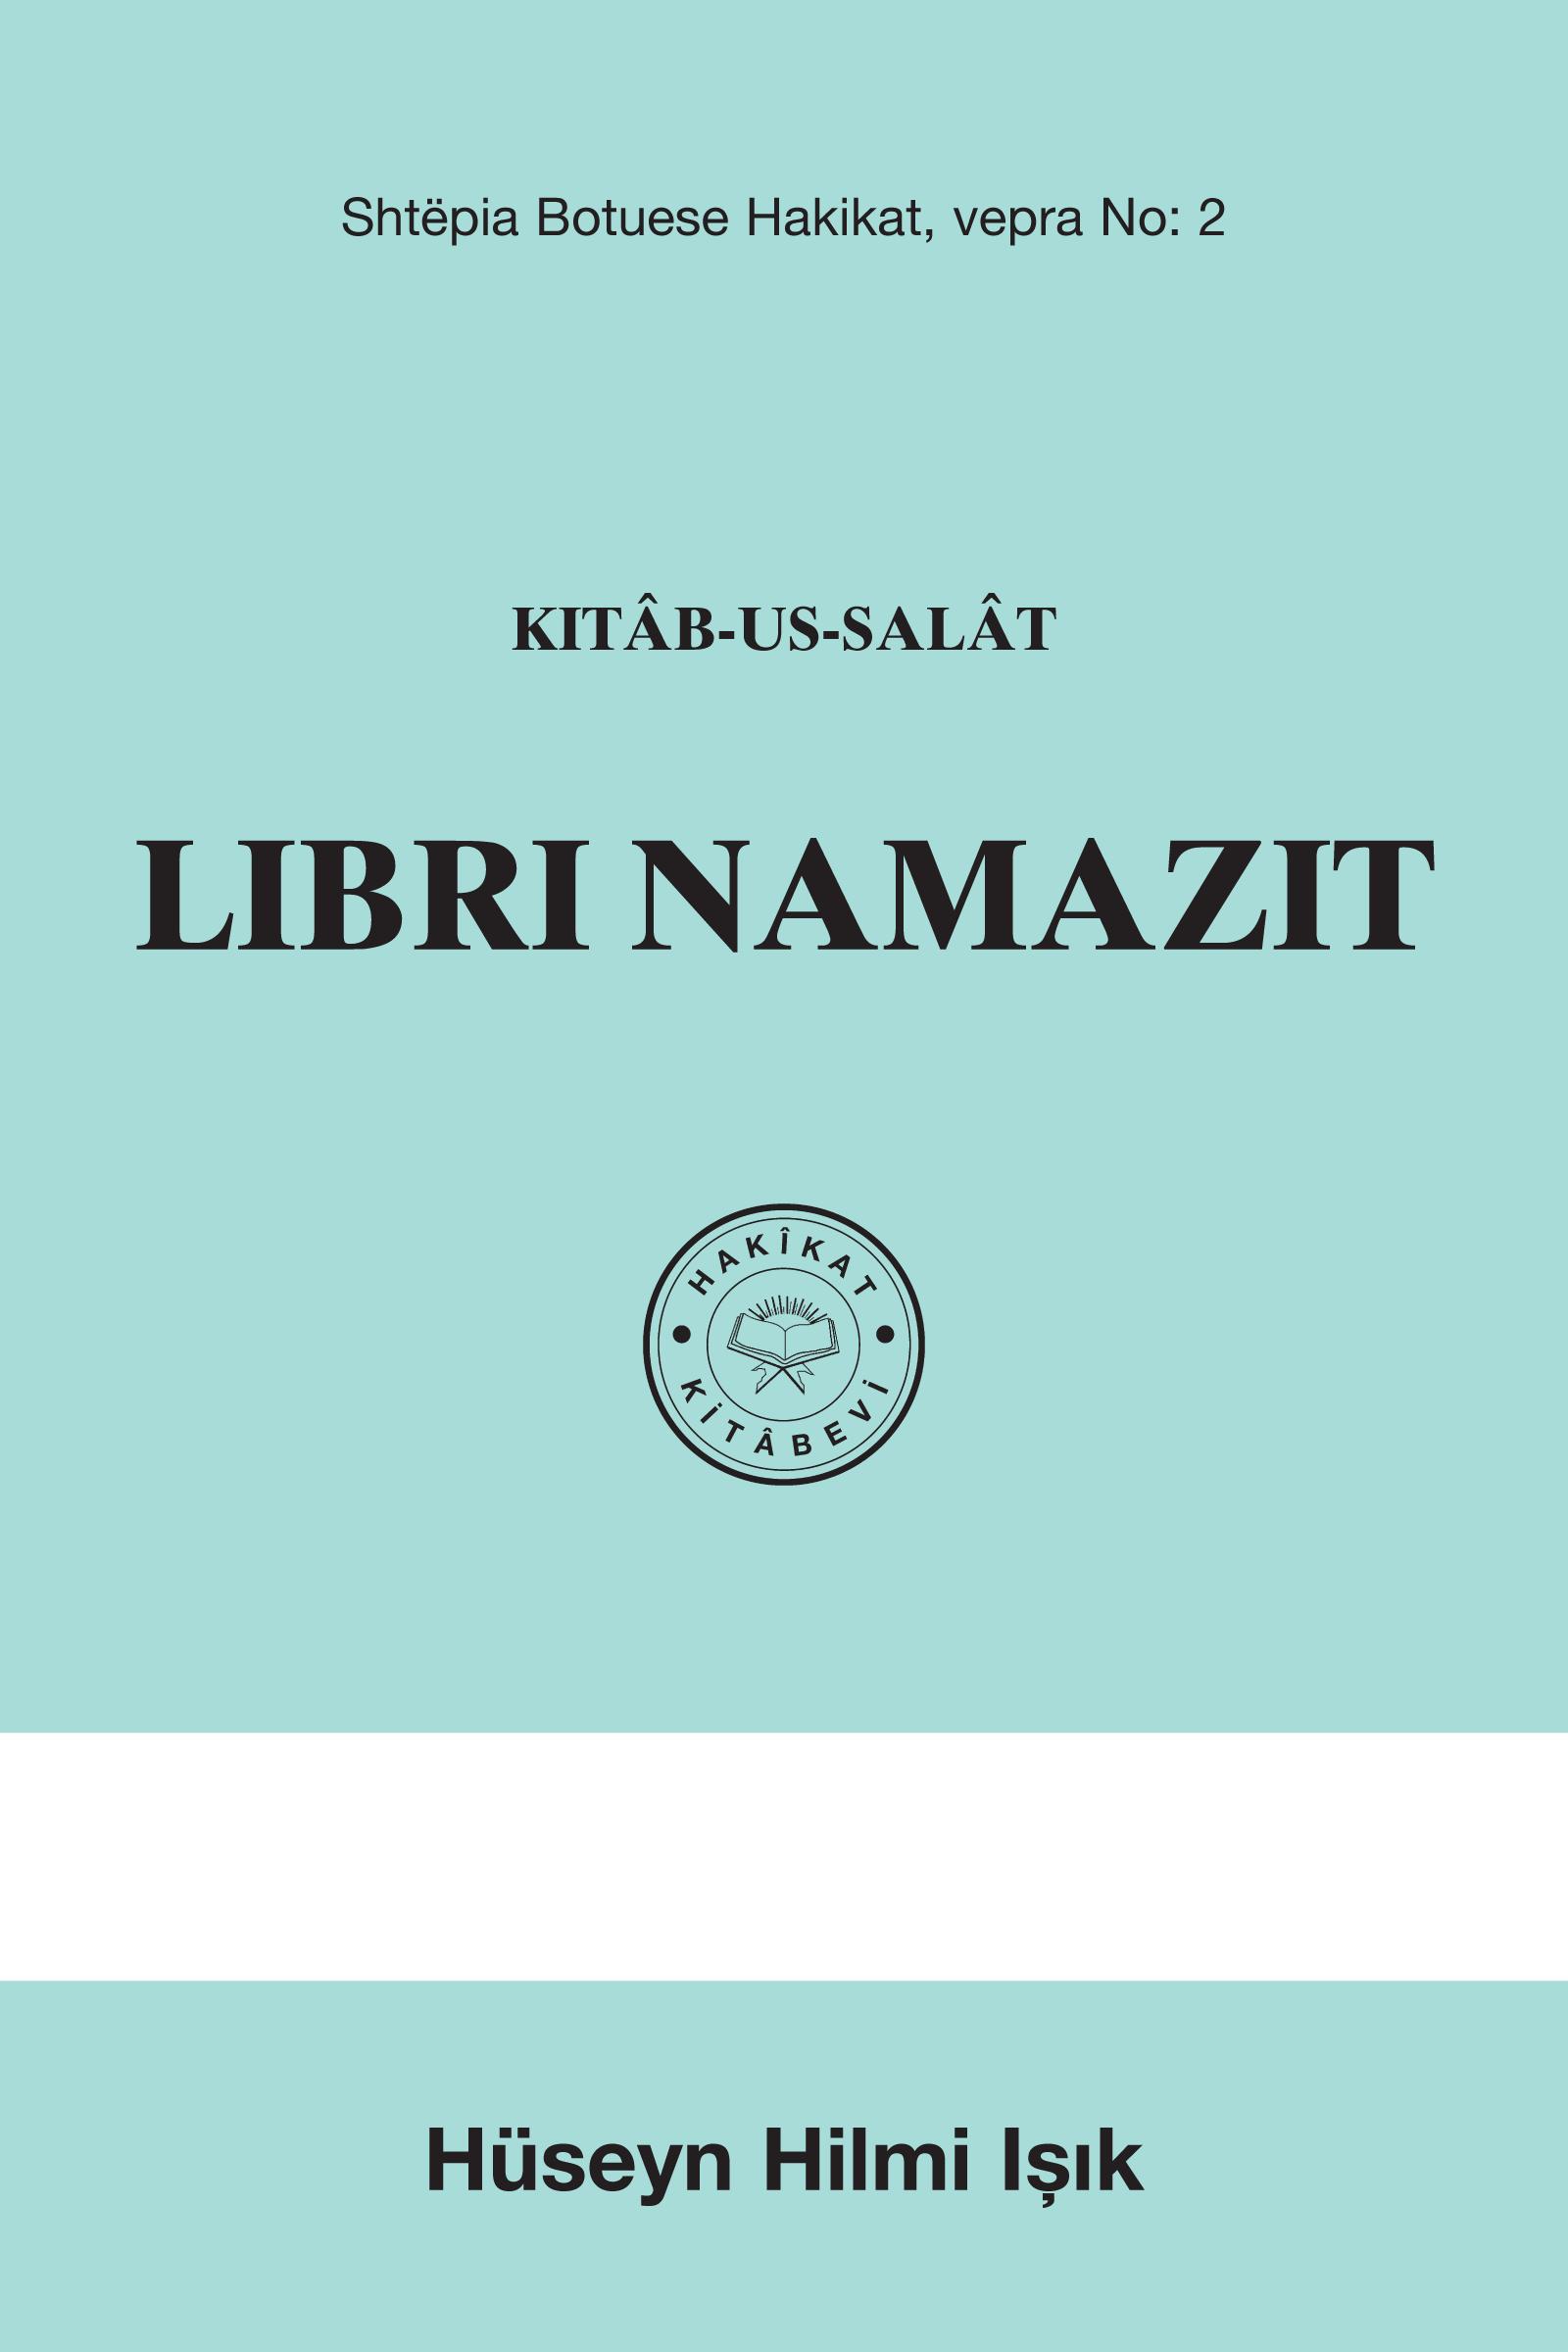 LIBRINAMAZIT